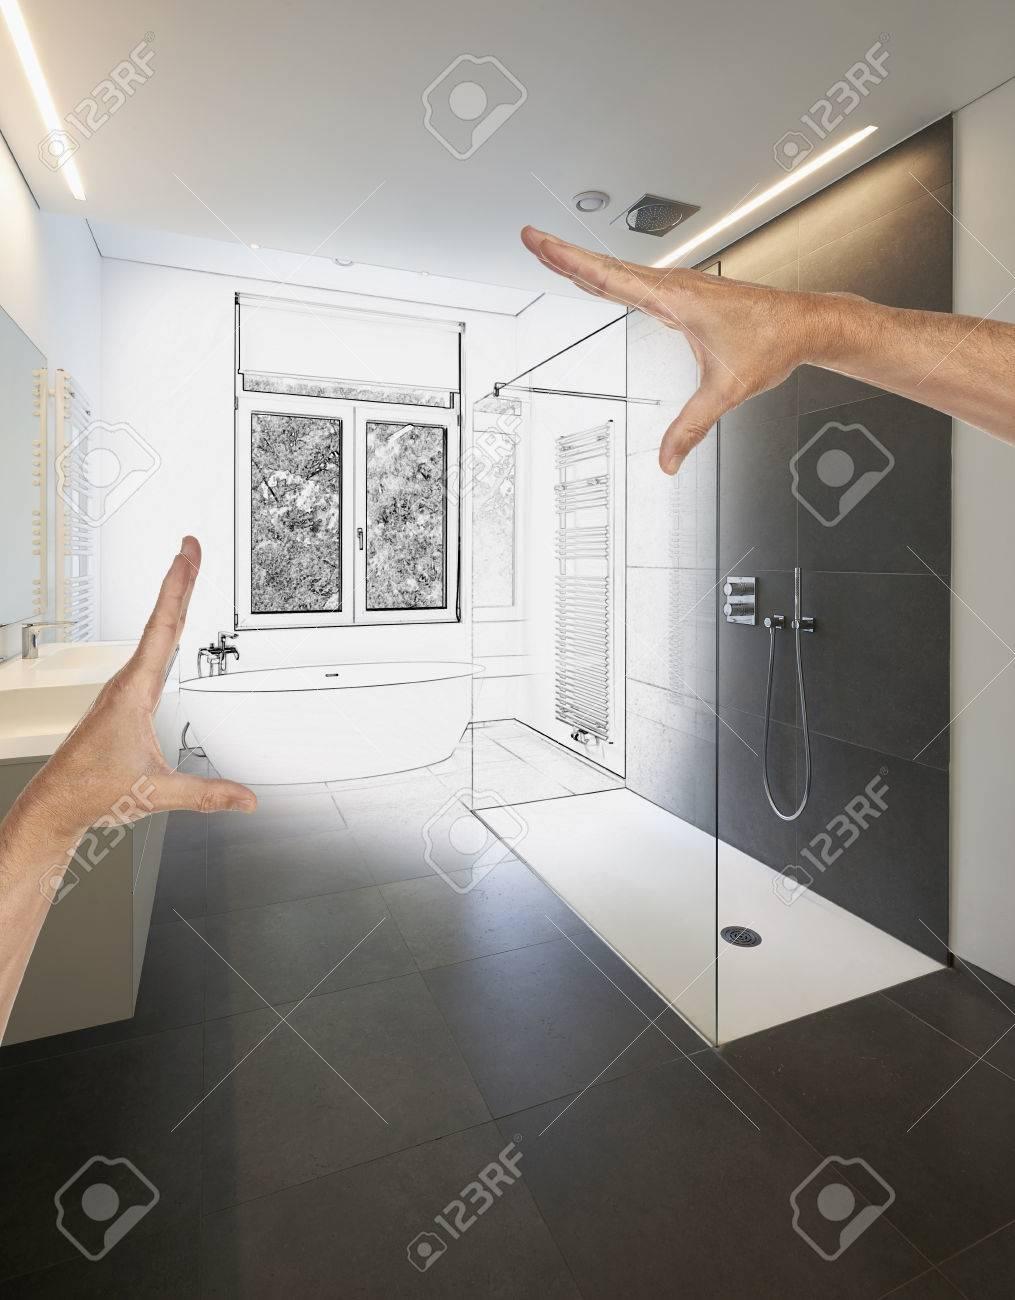 Renovación prevista de un moderno cuarto de baño de lujo, Bañera de Corian,  grifo y ducha en el baño de azulejos con ventanas hacia el jardín